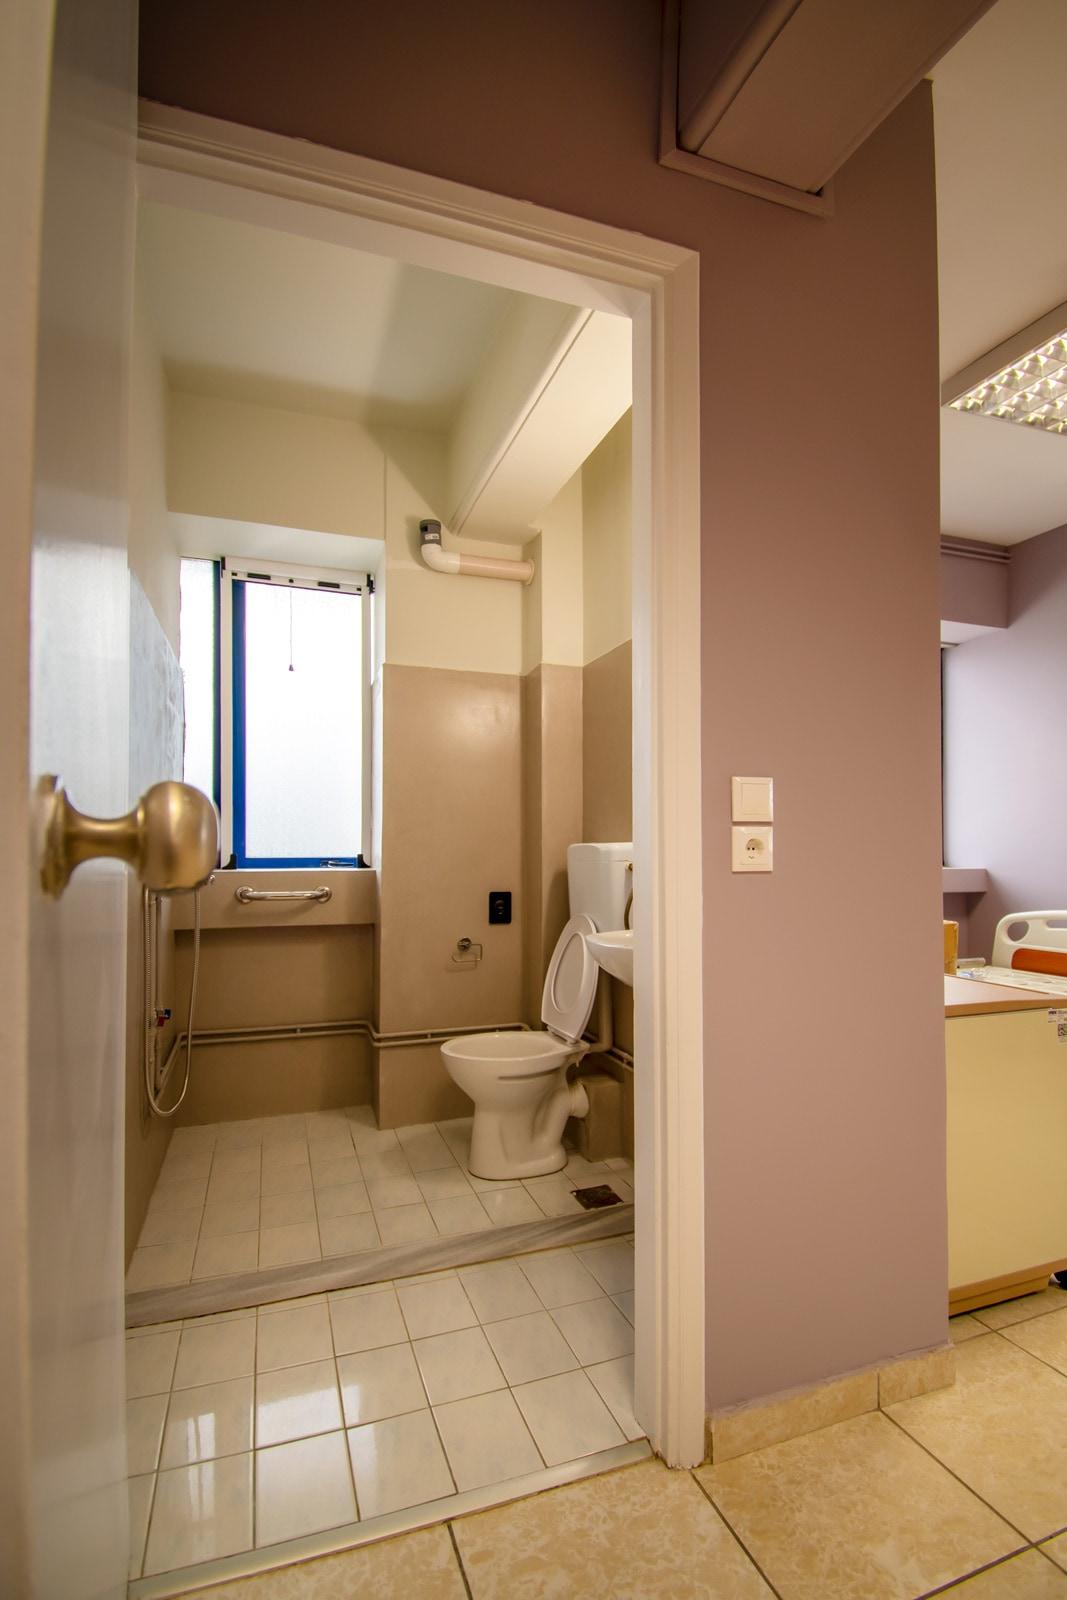 Μονάδα Φροντίδας Ηλικιωμένων Ίριδα Παγκράτι τουαλέτες